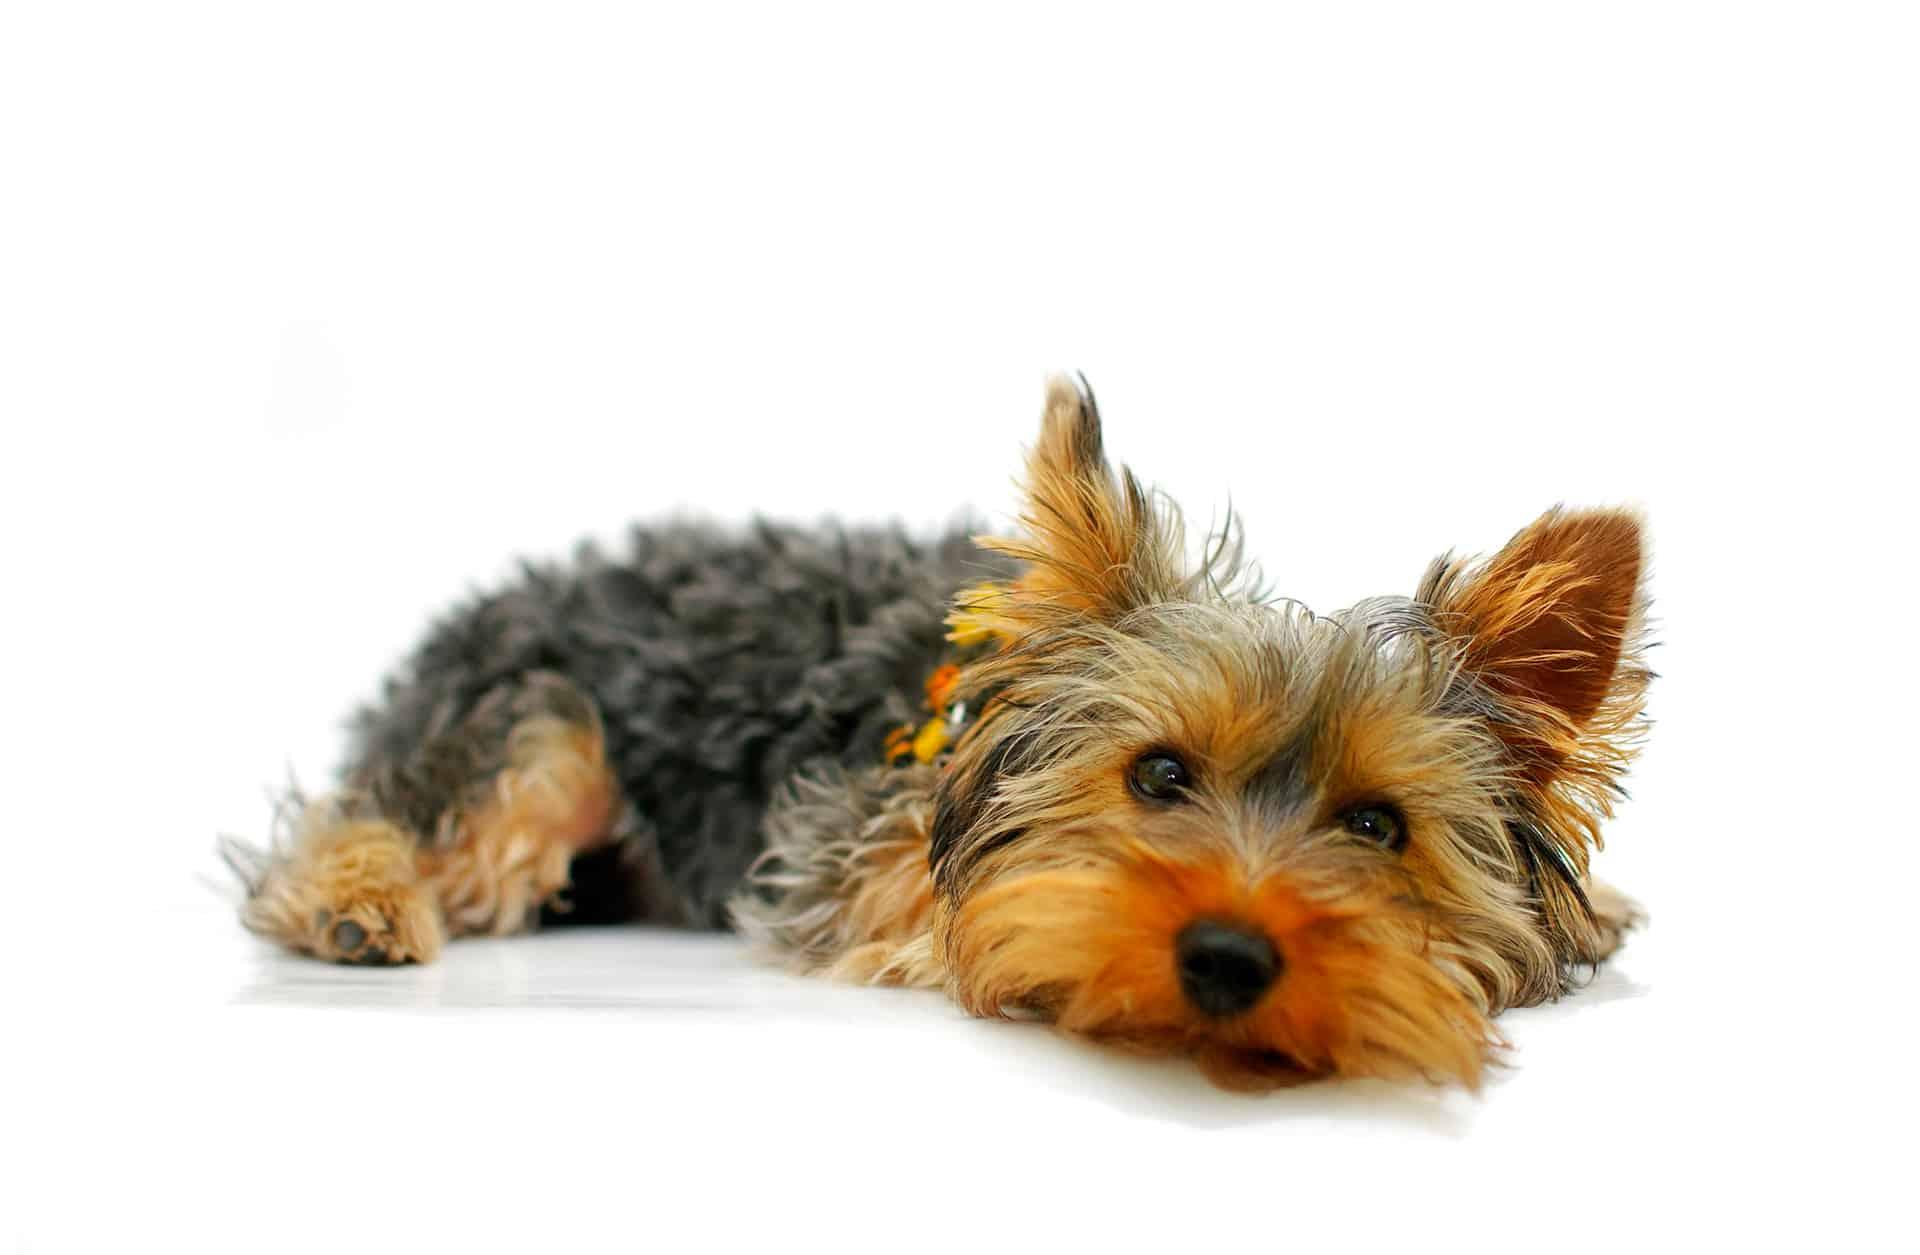 El Yorkshire Terrier, un pequeño rey - Veterinarium